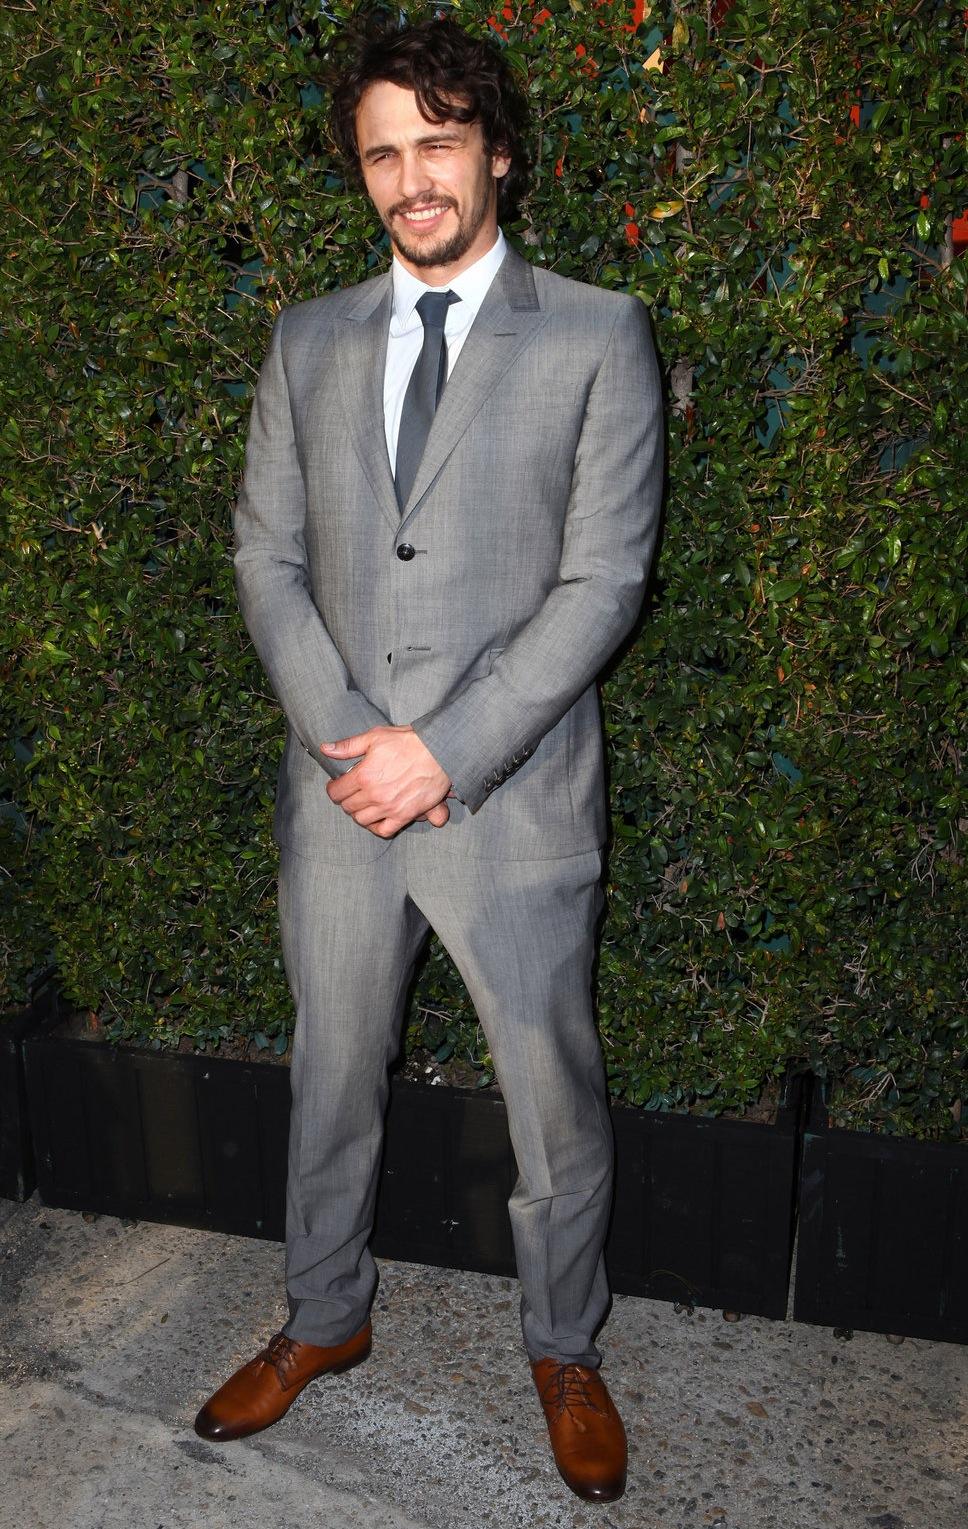 James Franco - 2012 foi um dos seus anos mais discretos. Longe do auge que viveu em 2010 e 2011, Franco decidiu se dedicar ao cargo de diretor e produtor, porém mantendo-se elegante do seu jeito característico.